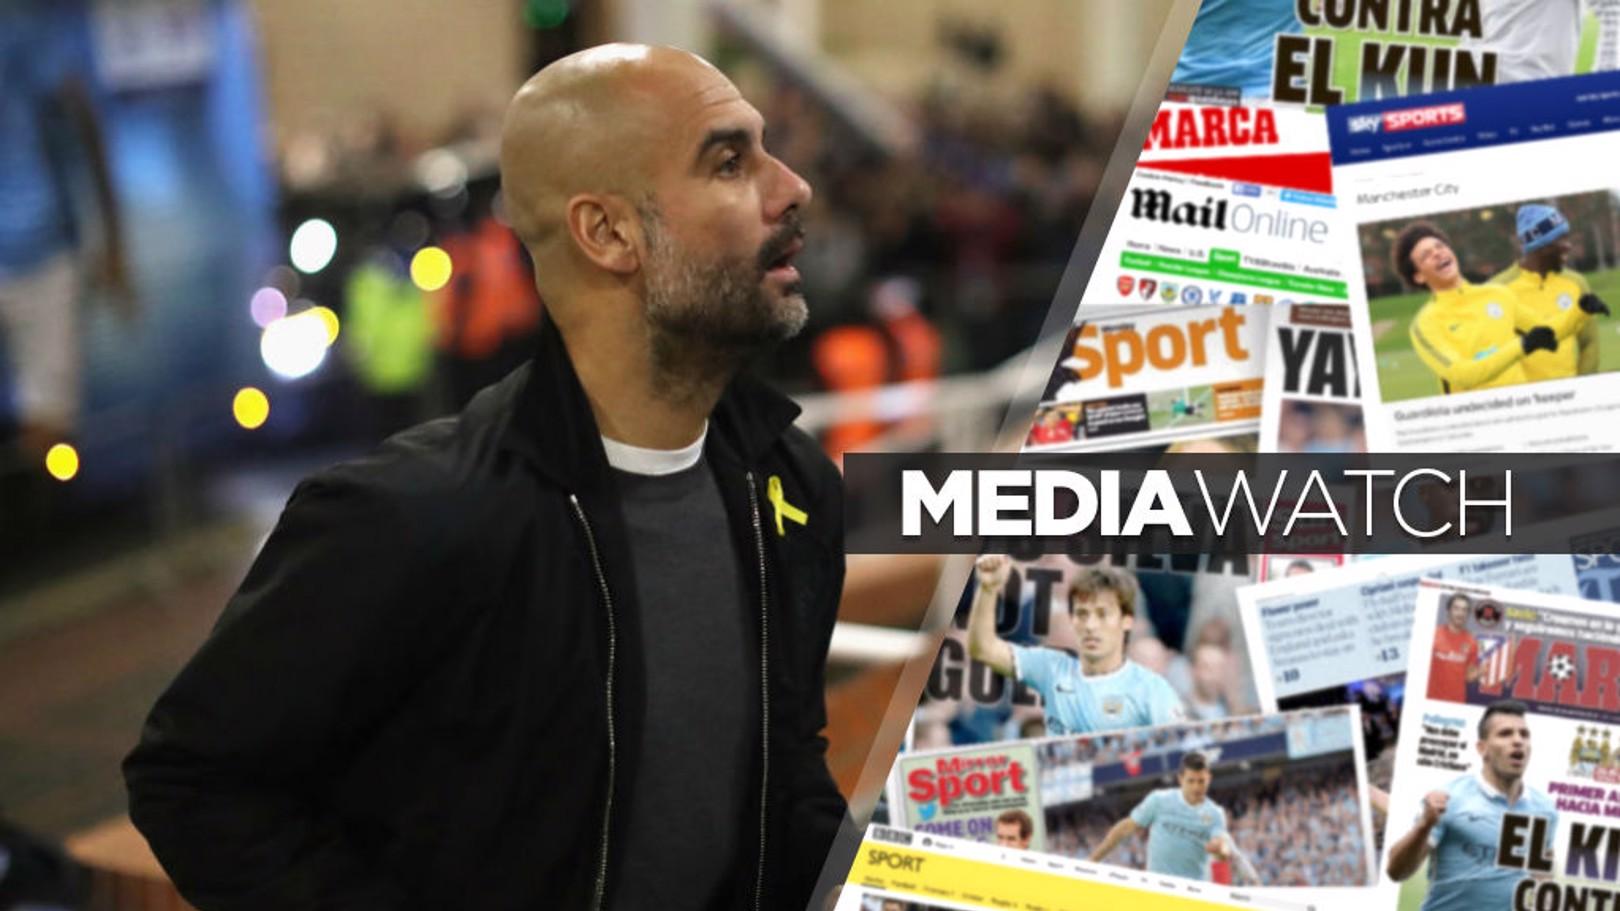 الصحف والمواقع تشيد بمسيرة مانشستر سيتي هذا الموسم.